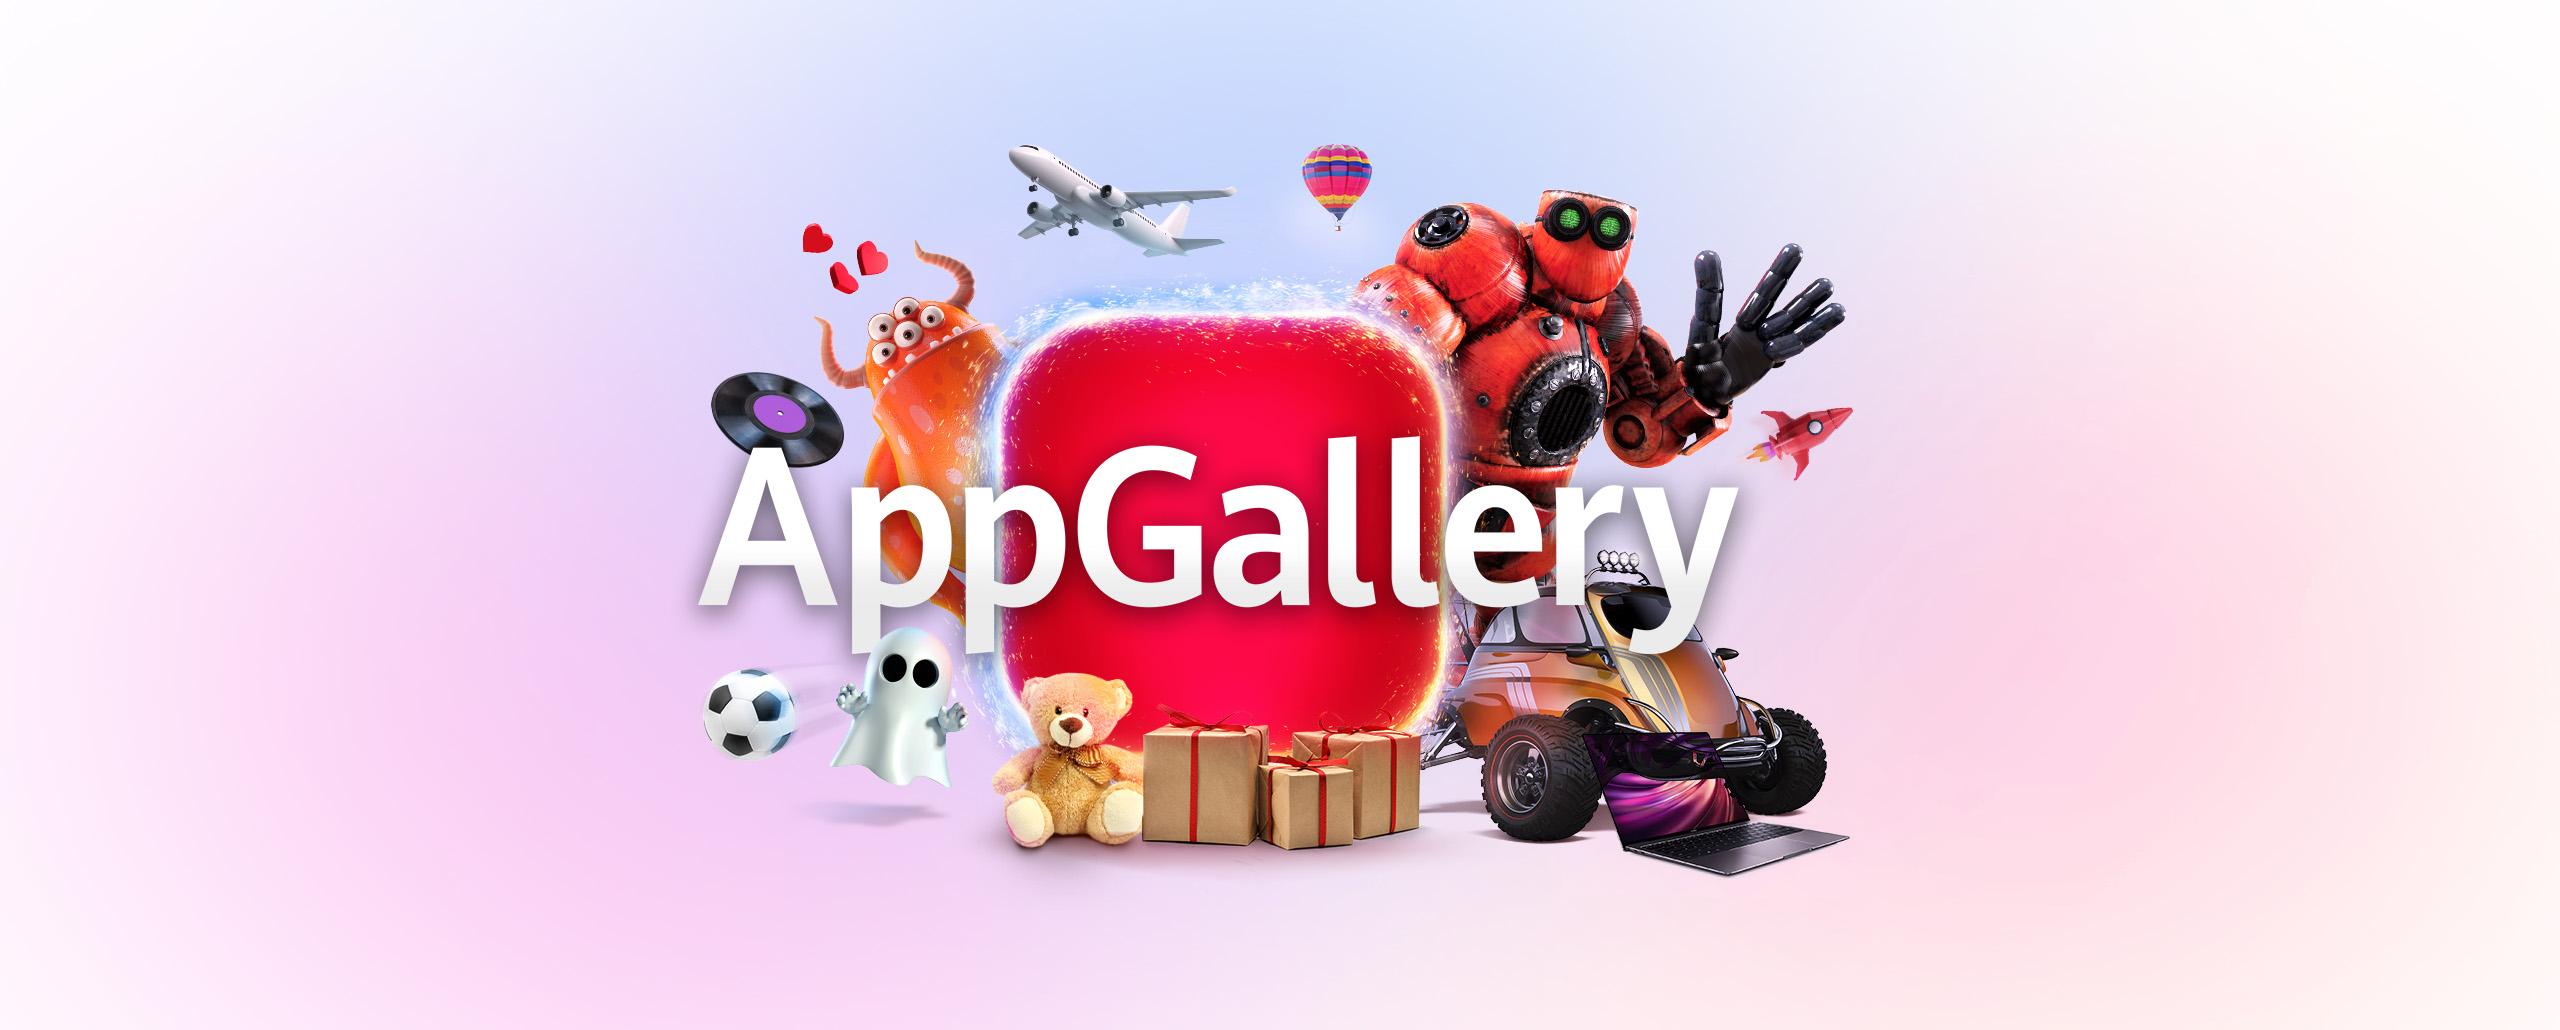 App Gallery prácticamente duplica la distribución de apps en 12 meses